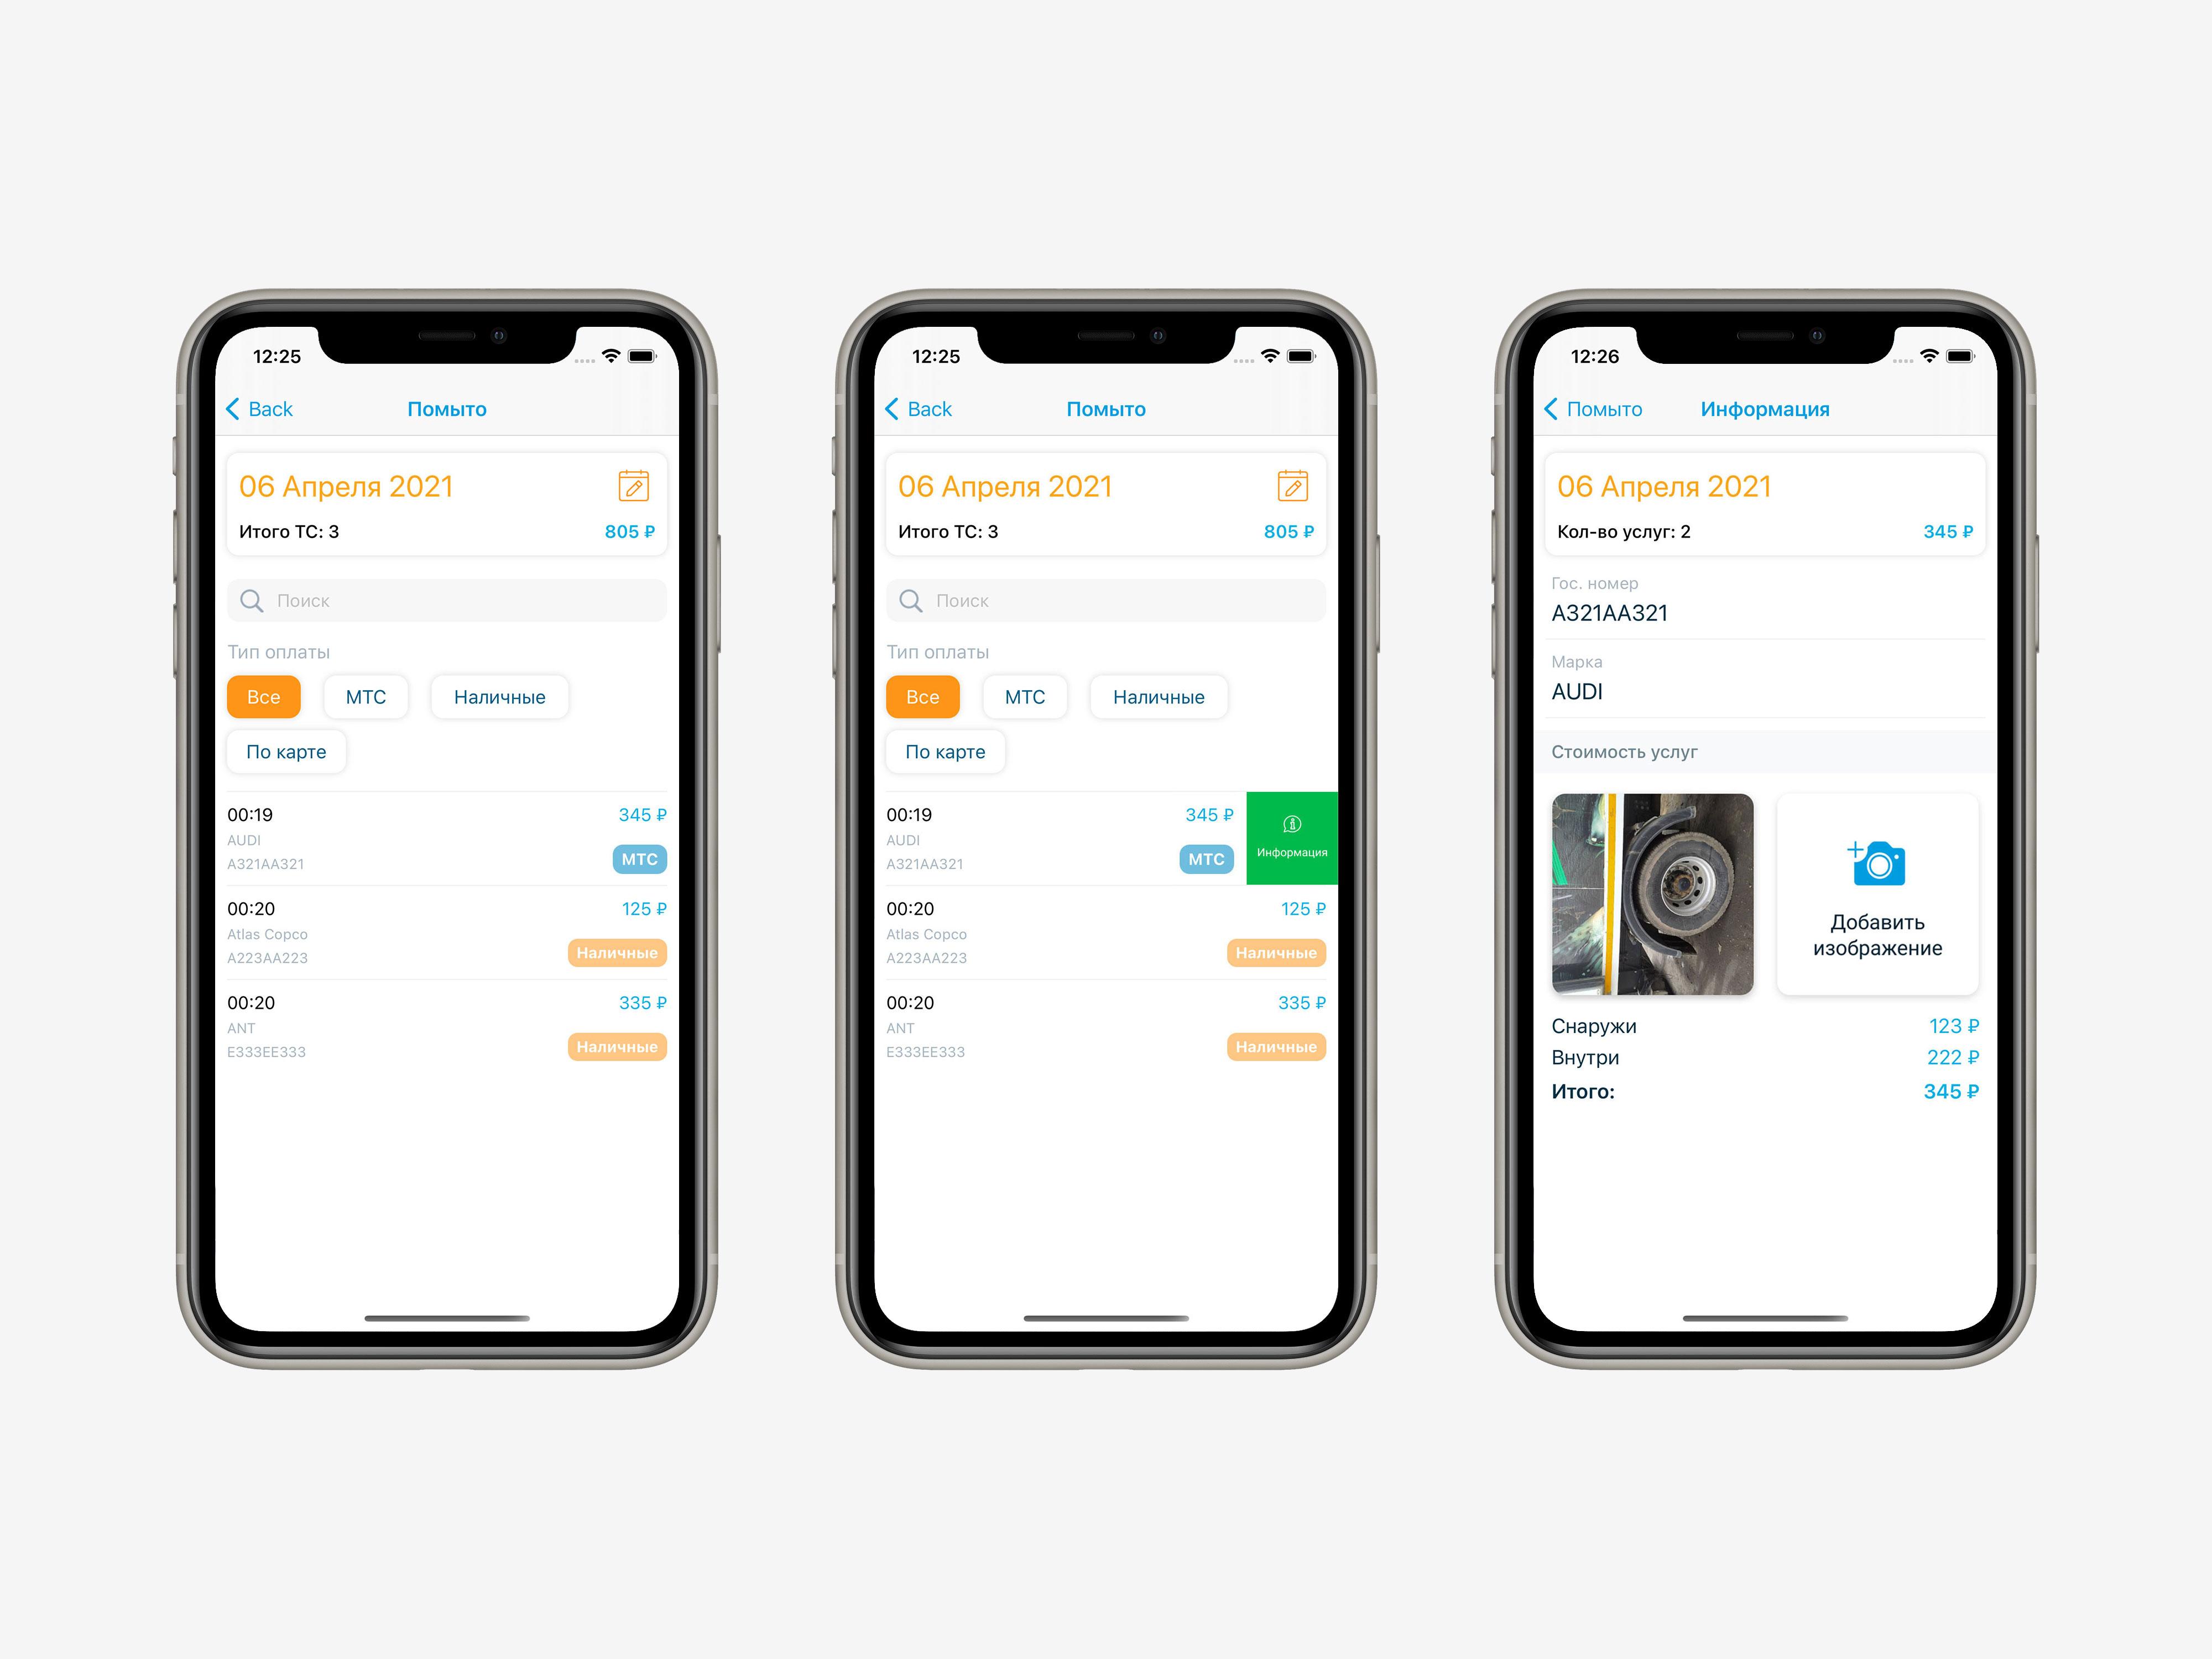 Обновление детализации мойки в iOS